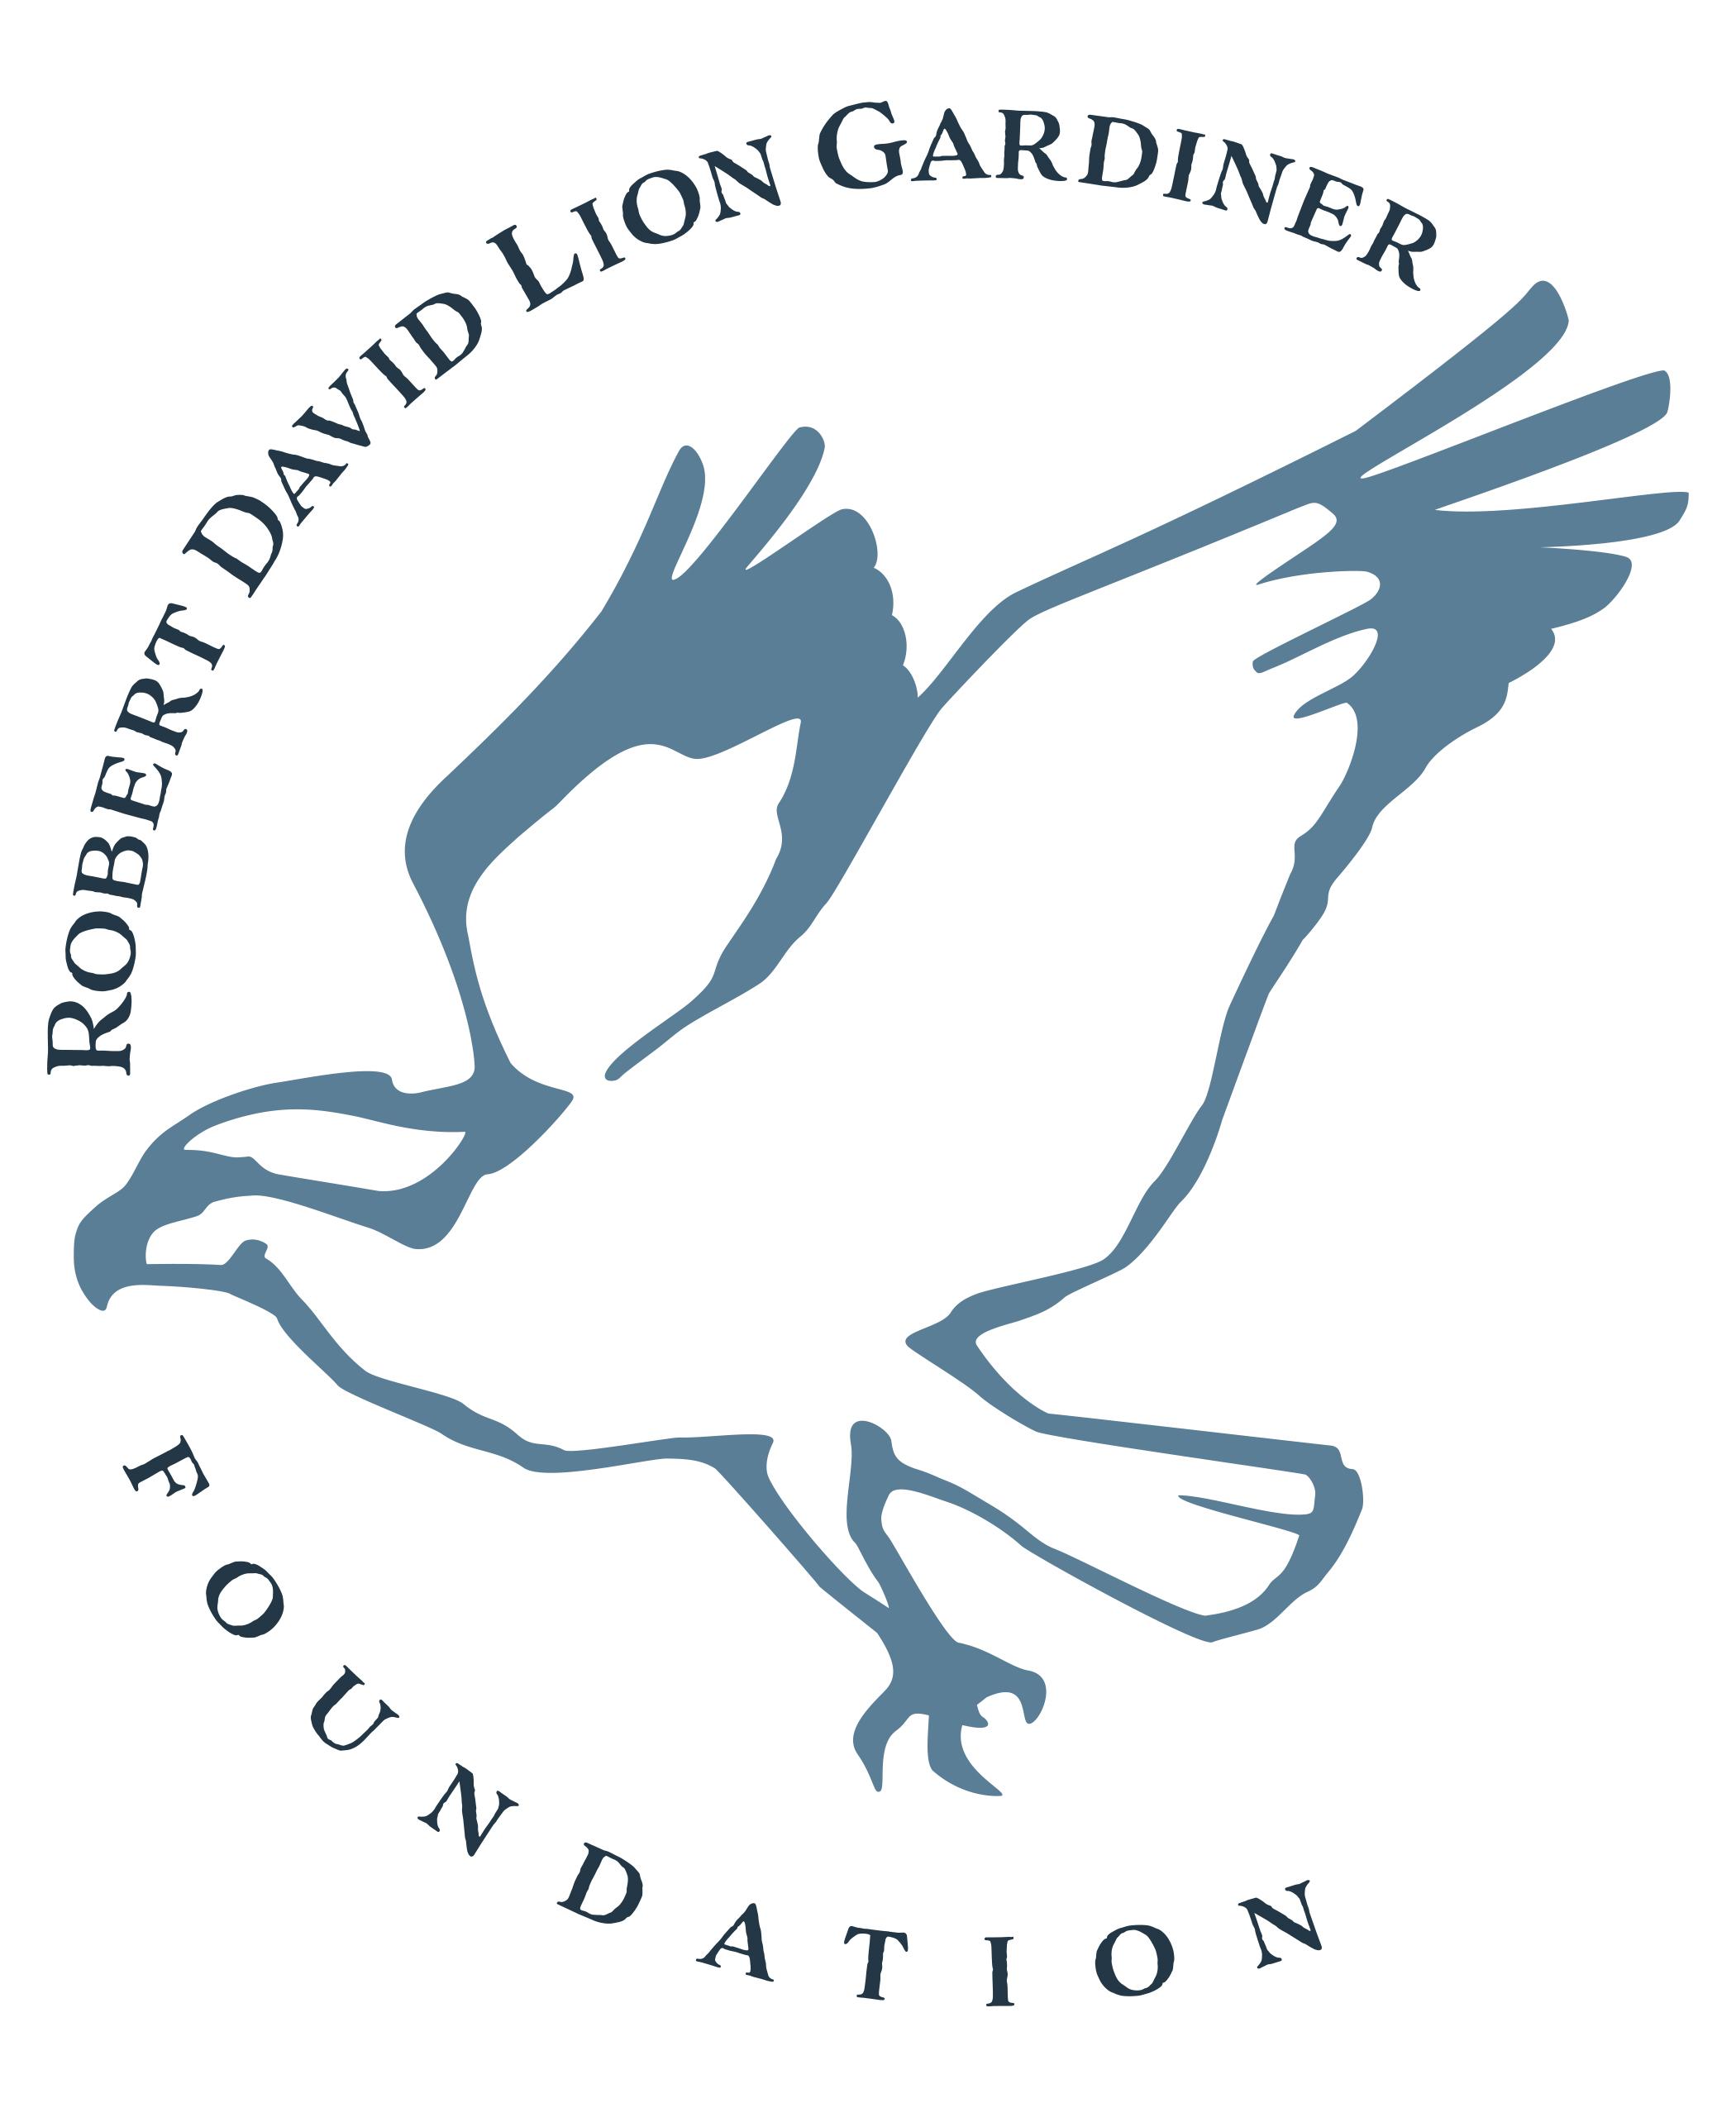 GAR-LogosNF-Logo1